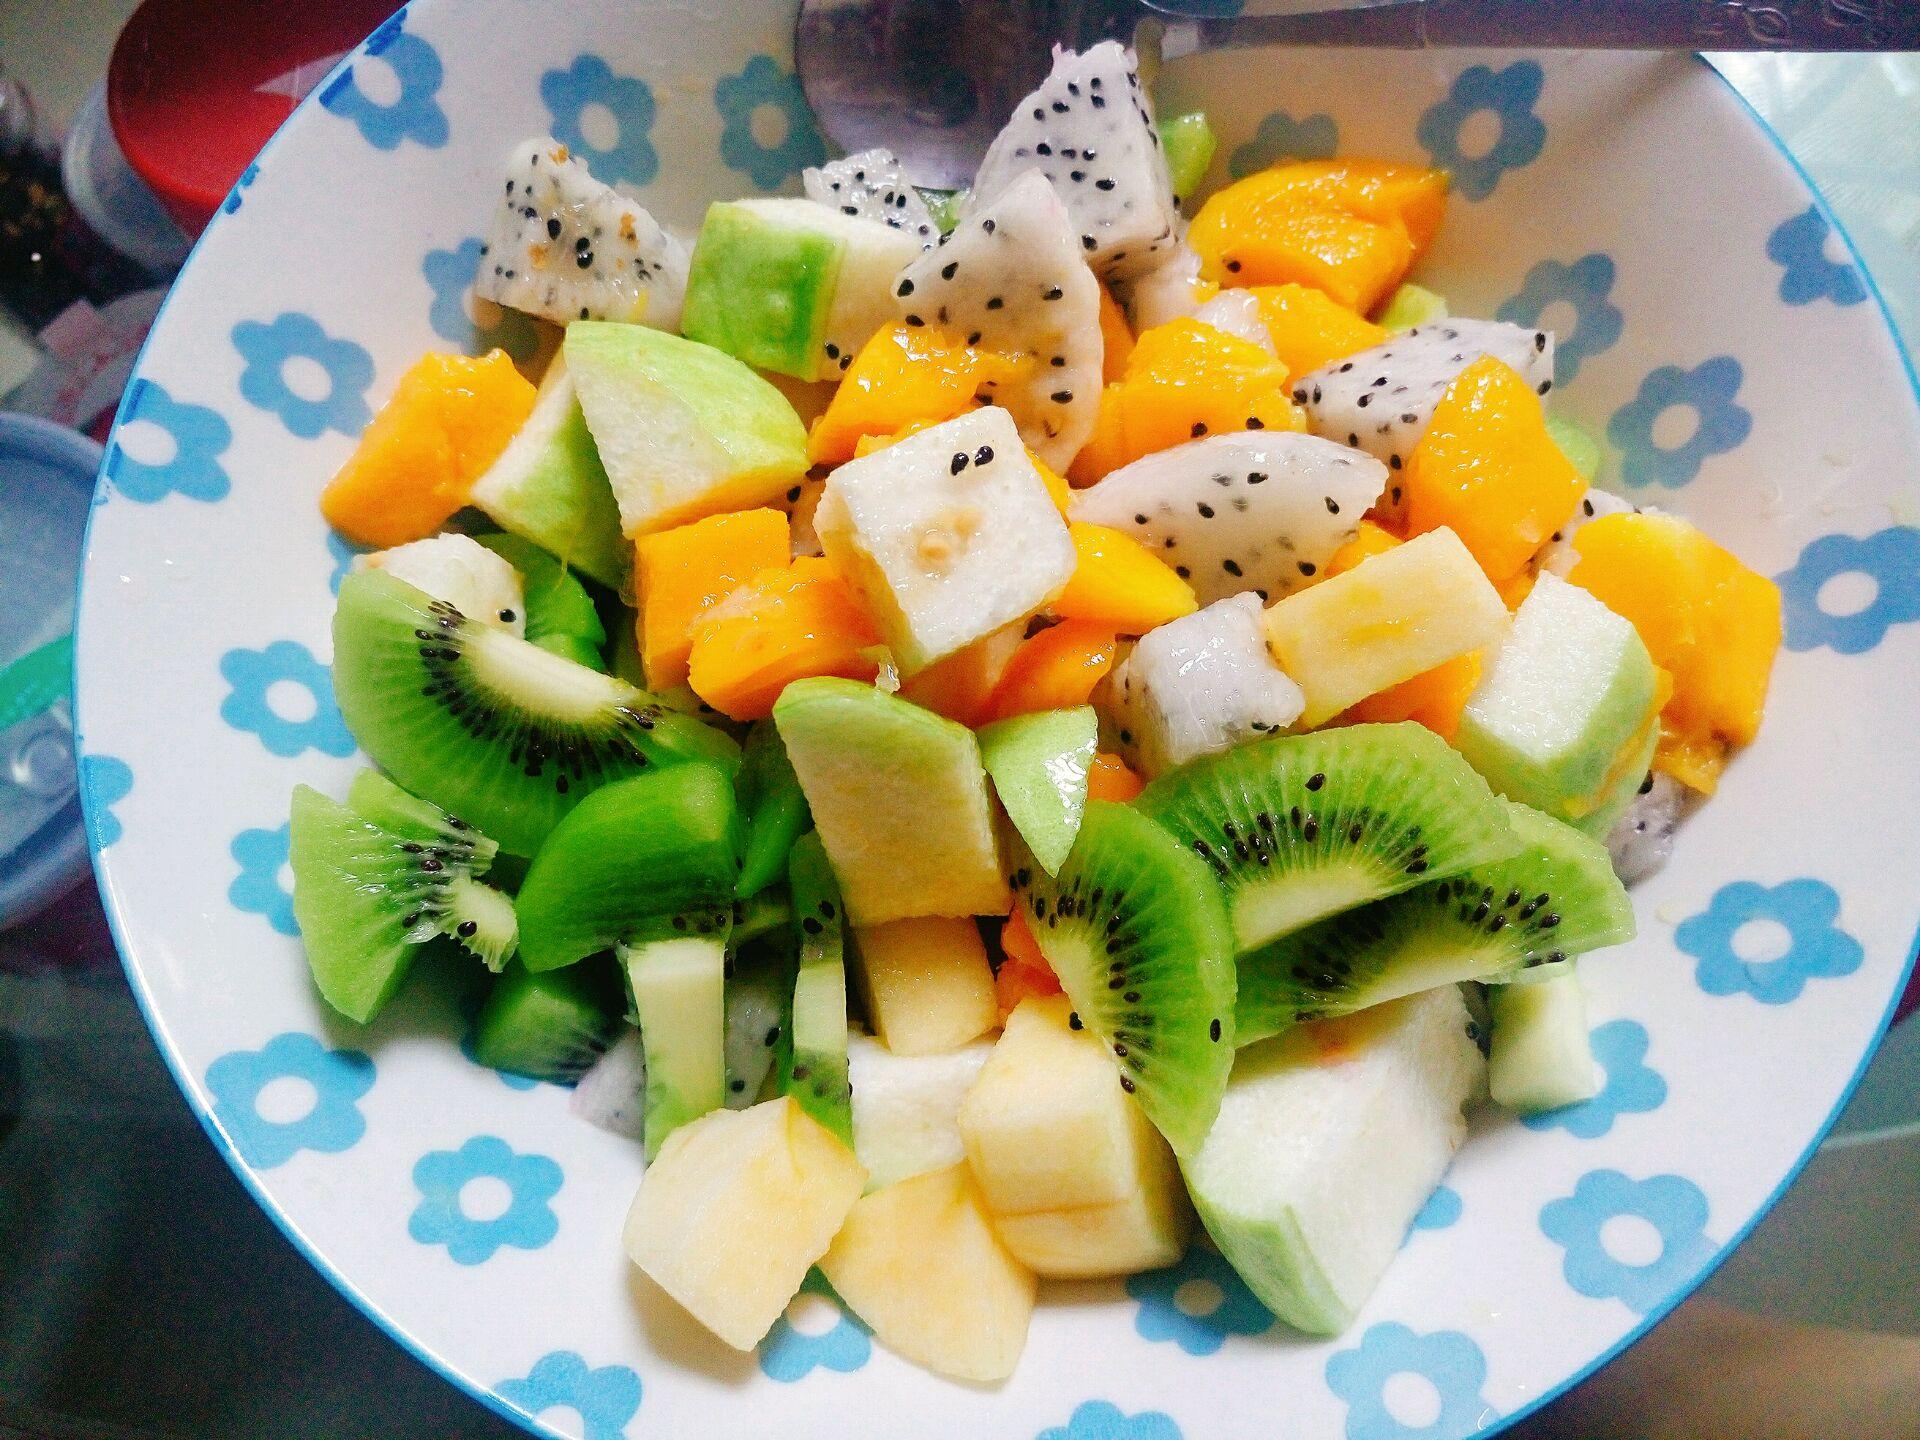 减肥水果沙拉的做法步骤